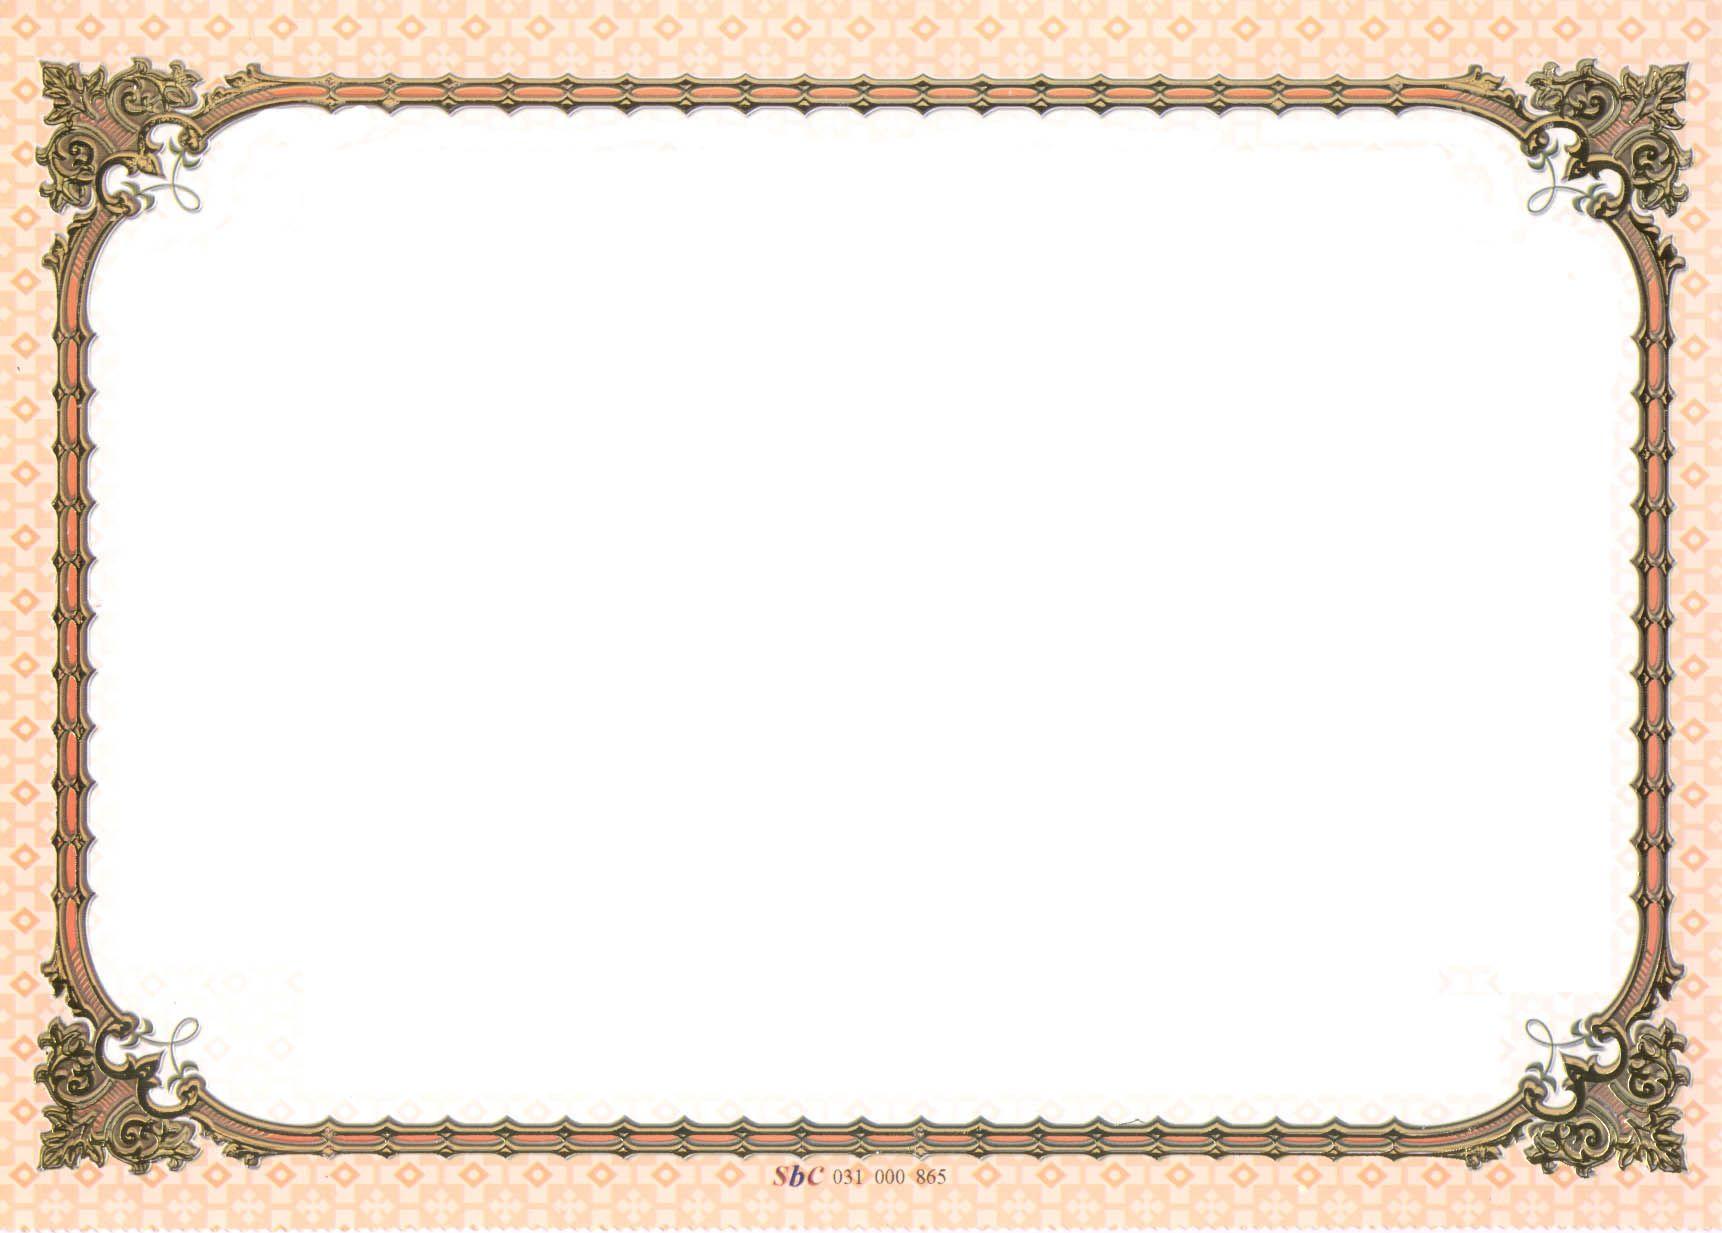 موسوعة كبيرة من شهادات التقدير للتصميم والكتابة عليها2016 1722 X 1233 35 Certificate Background Pink Wallpaper Iphone Backgrounds Phone Wallpapers